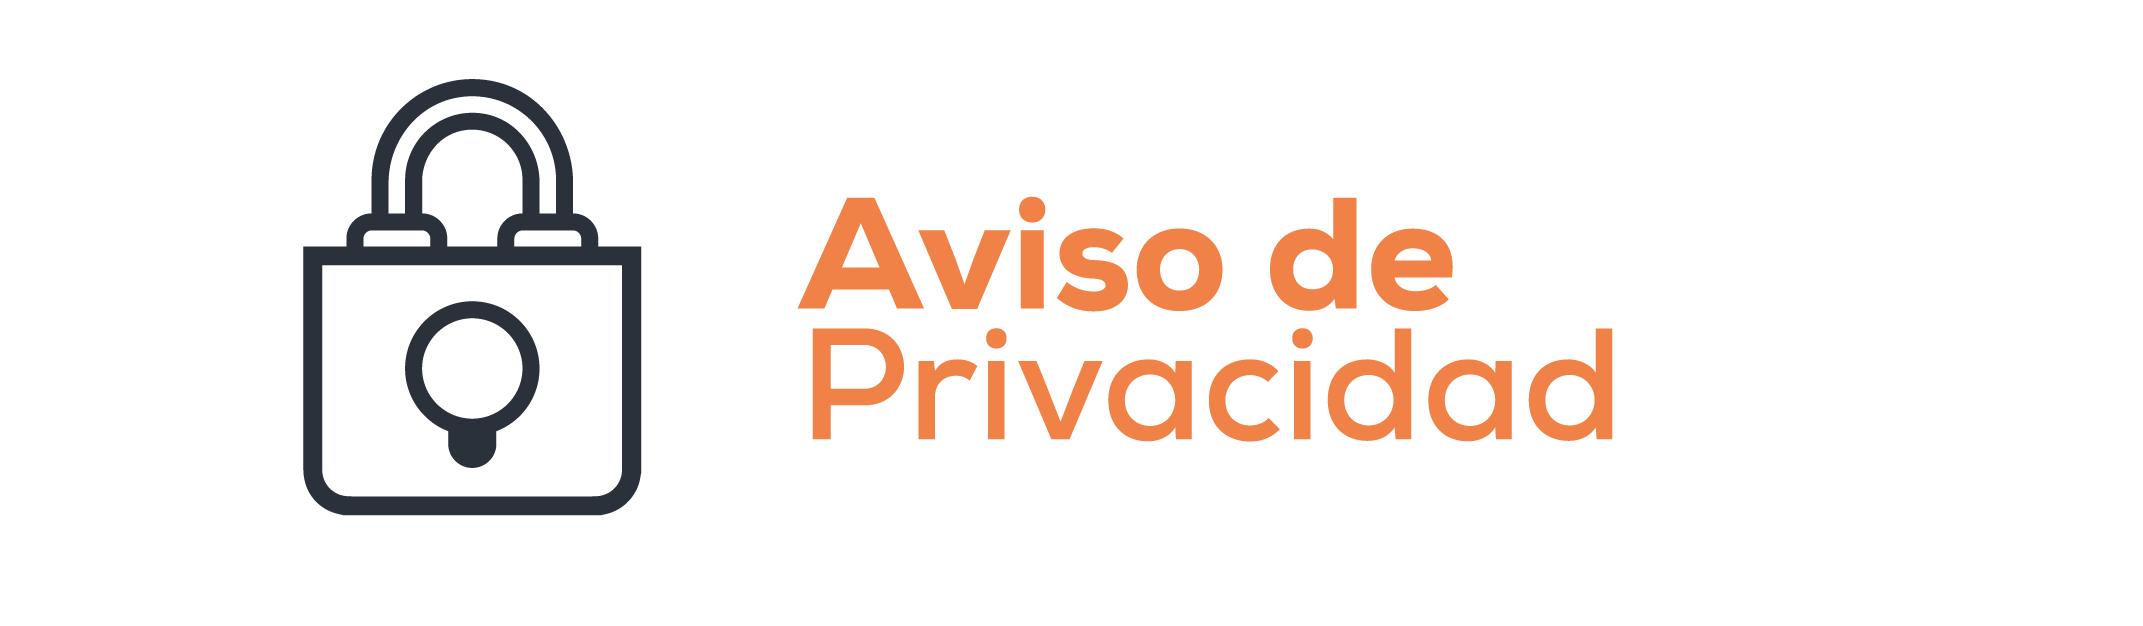 aviso_de_privacidad